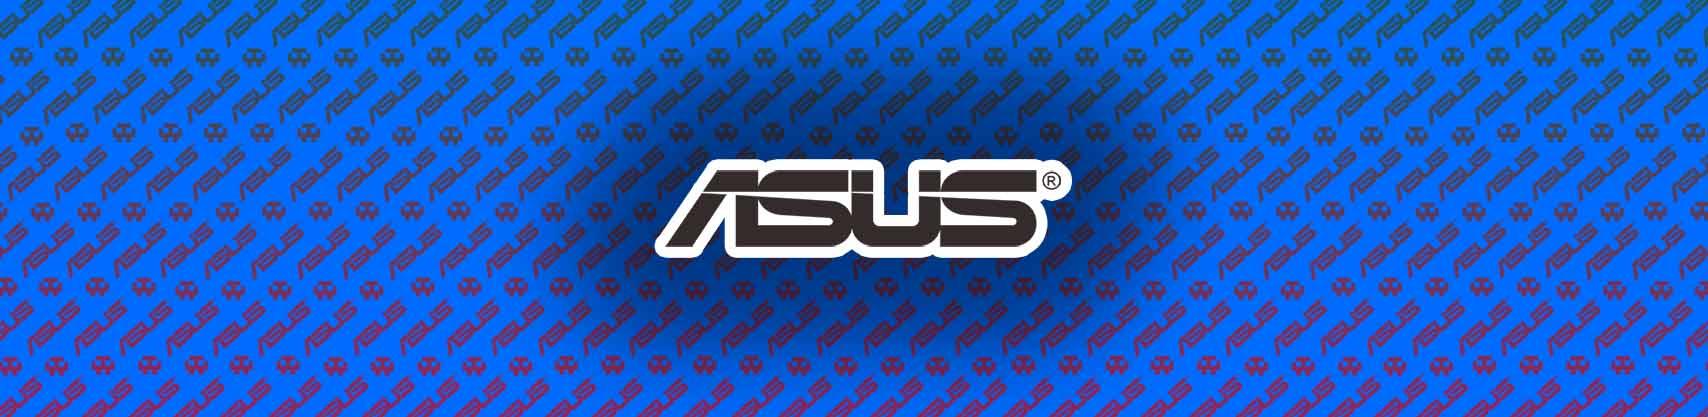 Asus P6T Manual